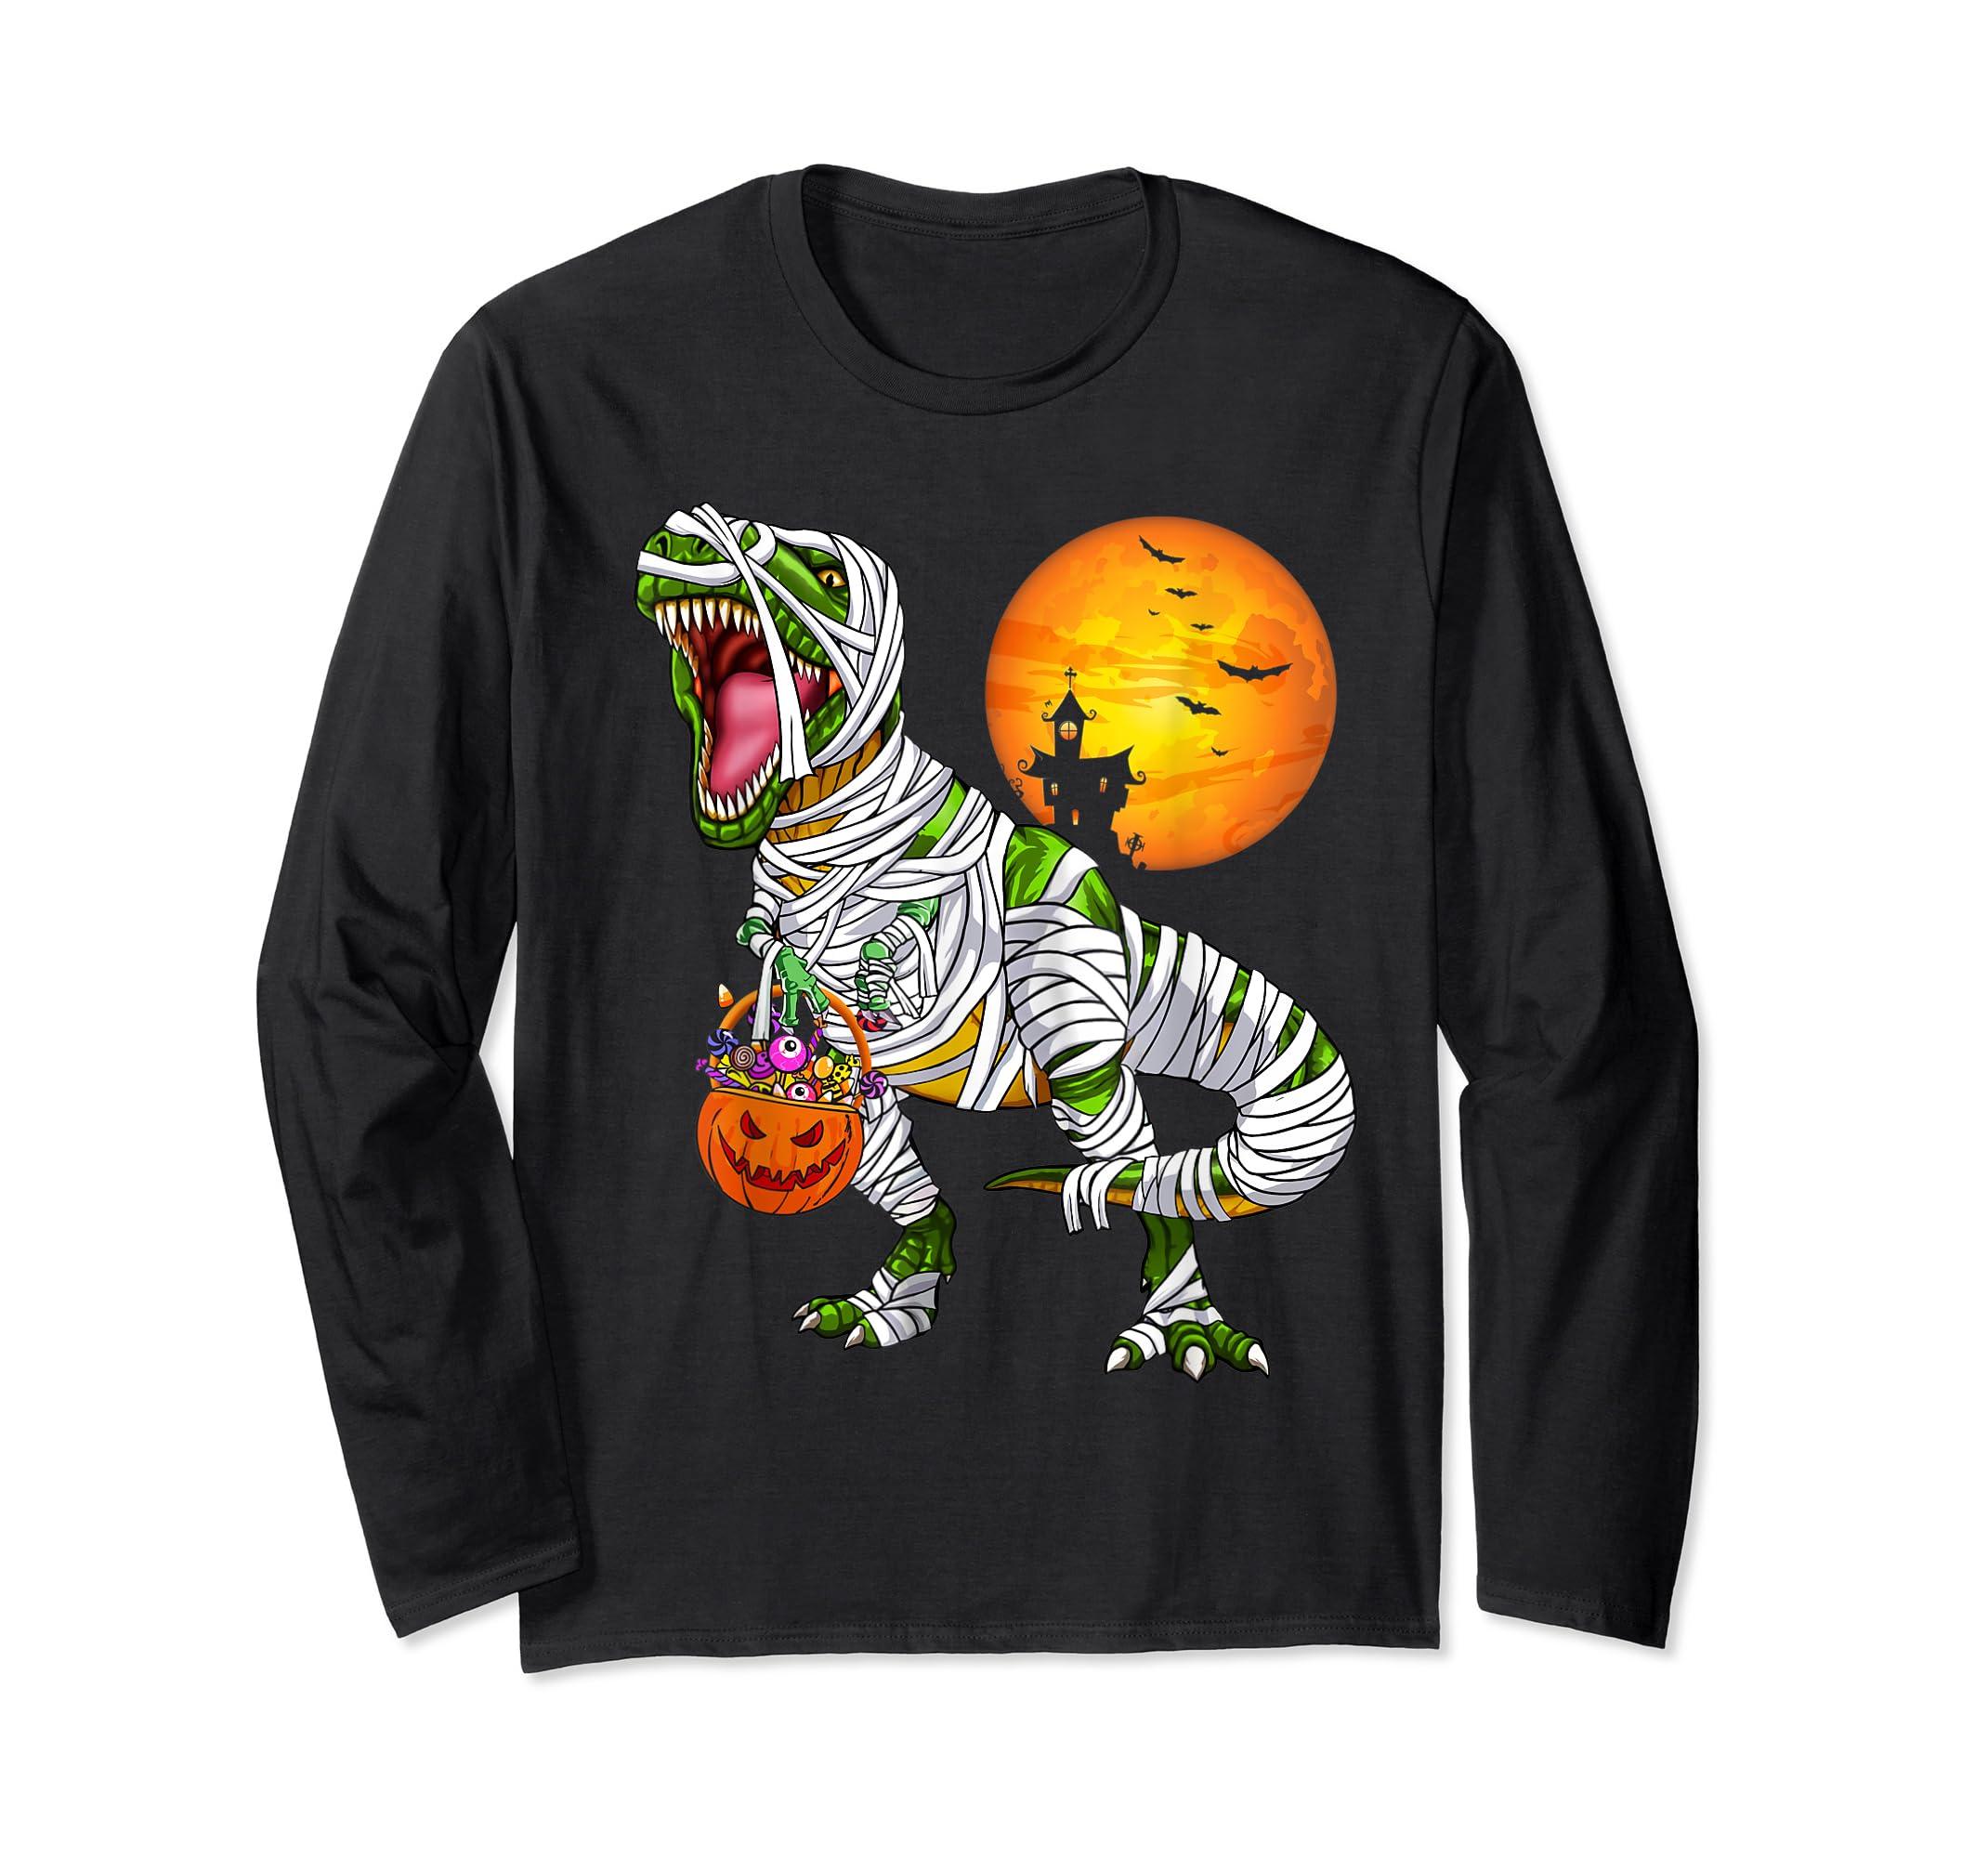 Halloween Gift For Boys Kids Dinosaur T rex Mummy Pumpkin T-Shirt-Long Sleeve-Black